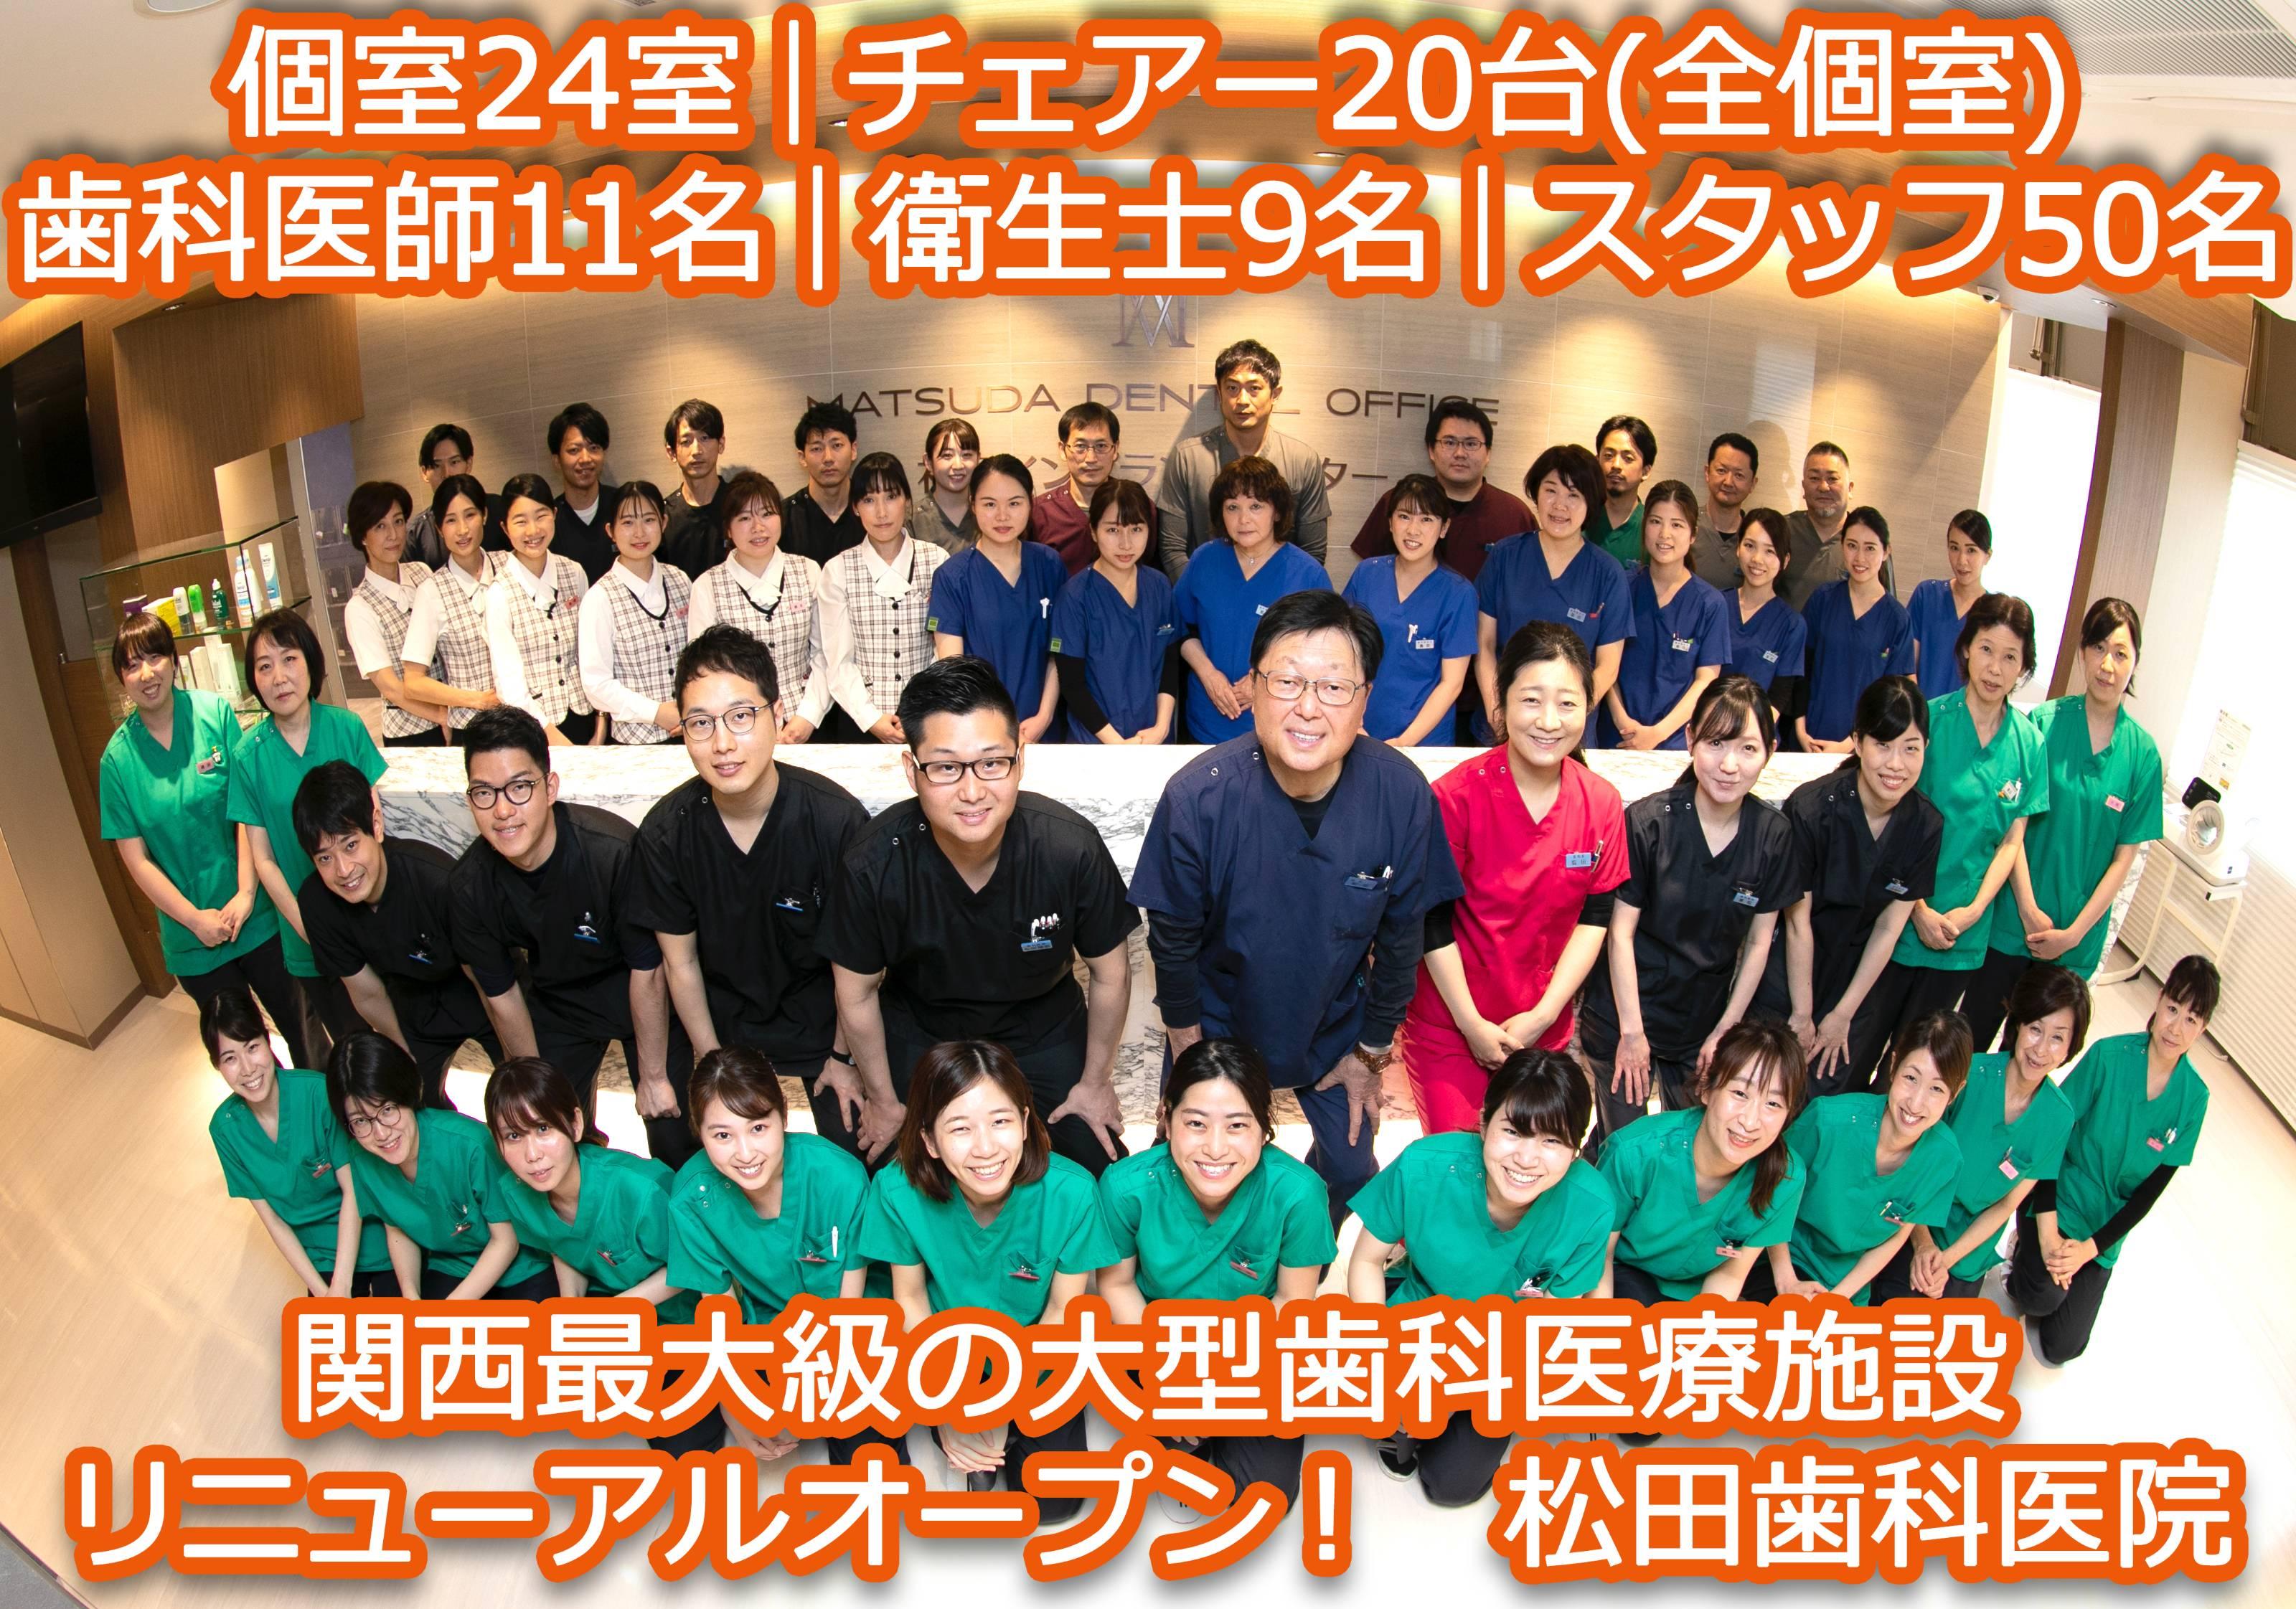 MATSUDA DENTAL OFFICE《神戸松田歯科医院》